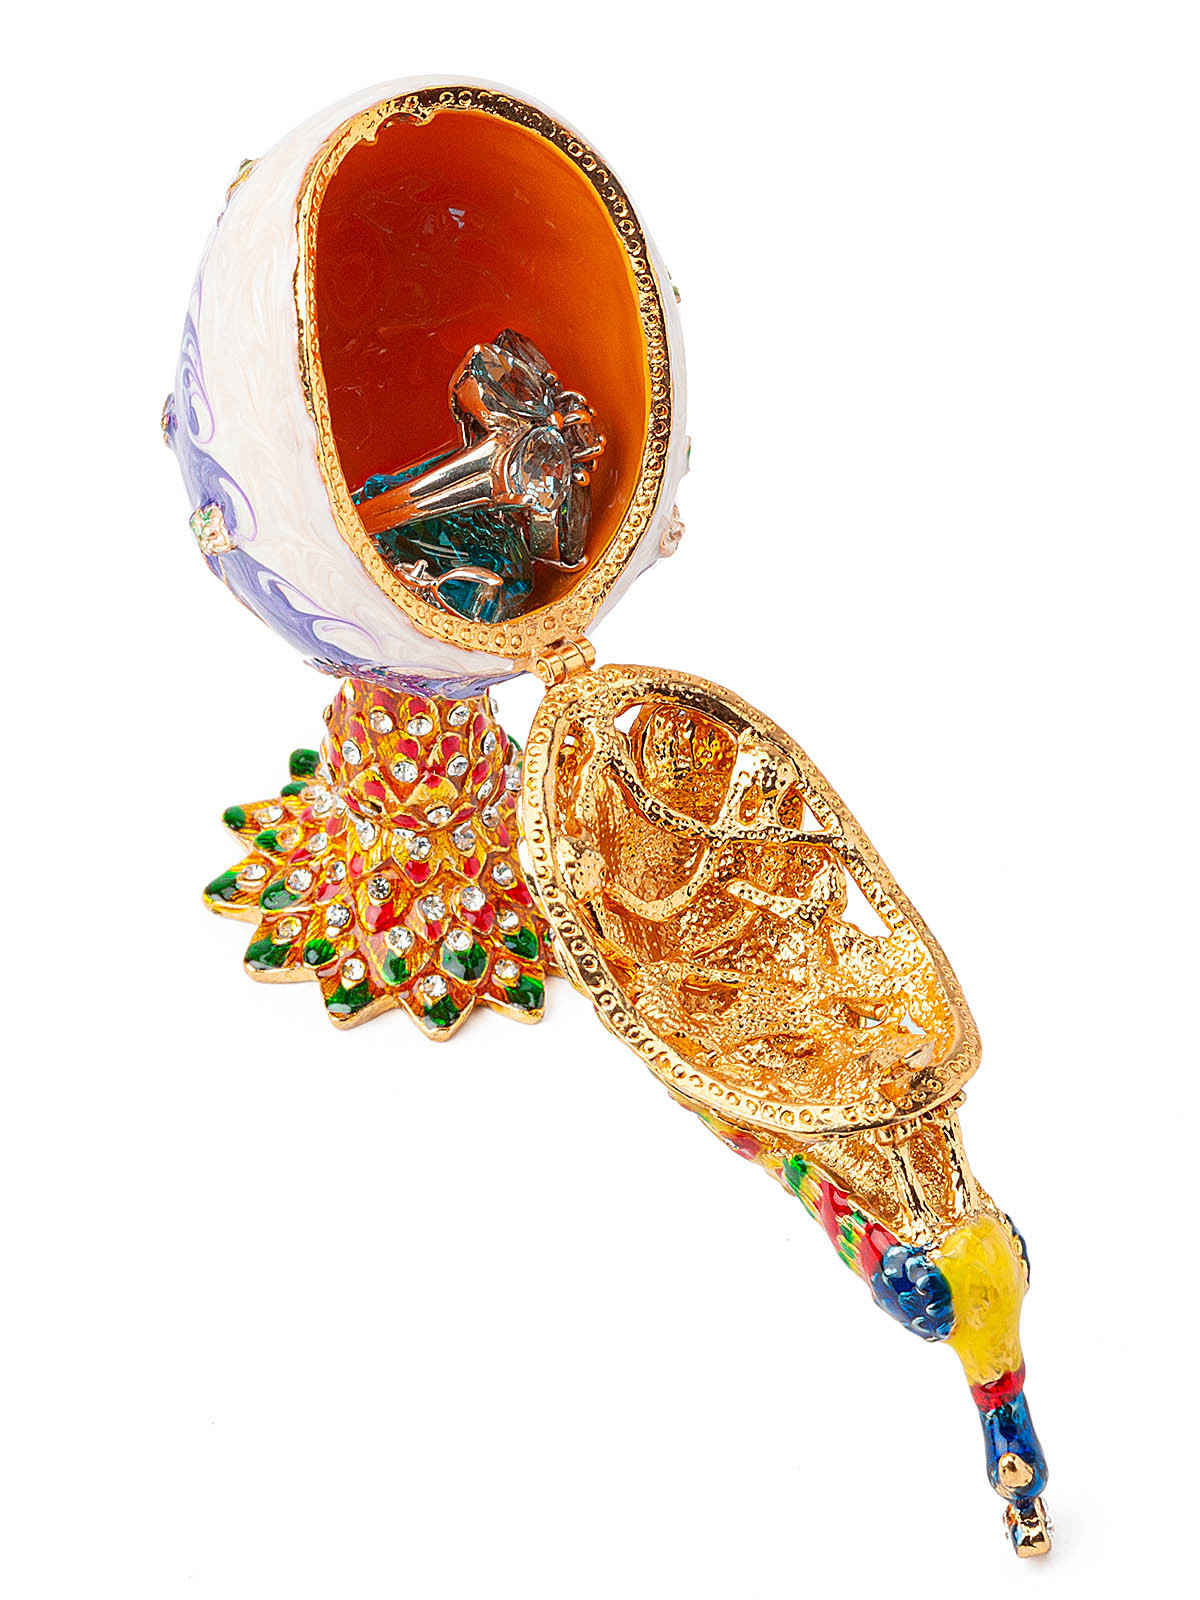 Шкатулка для украшений Яйцо Фаберже S-1486 фиолетовый